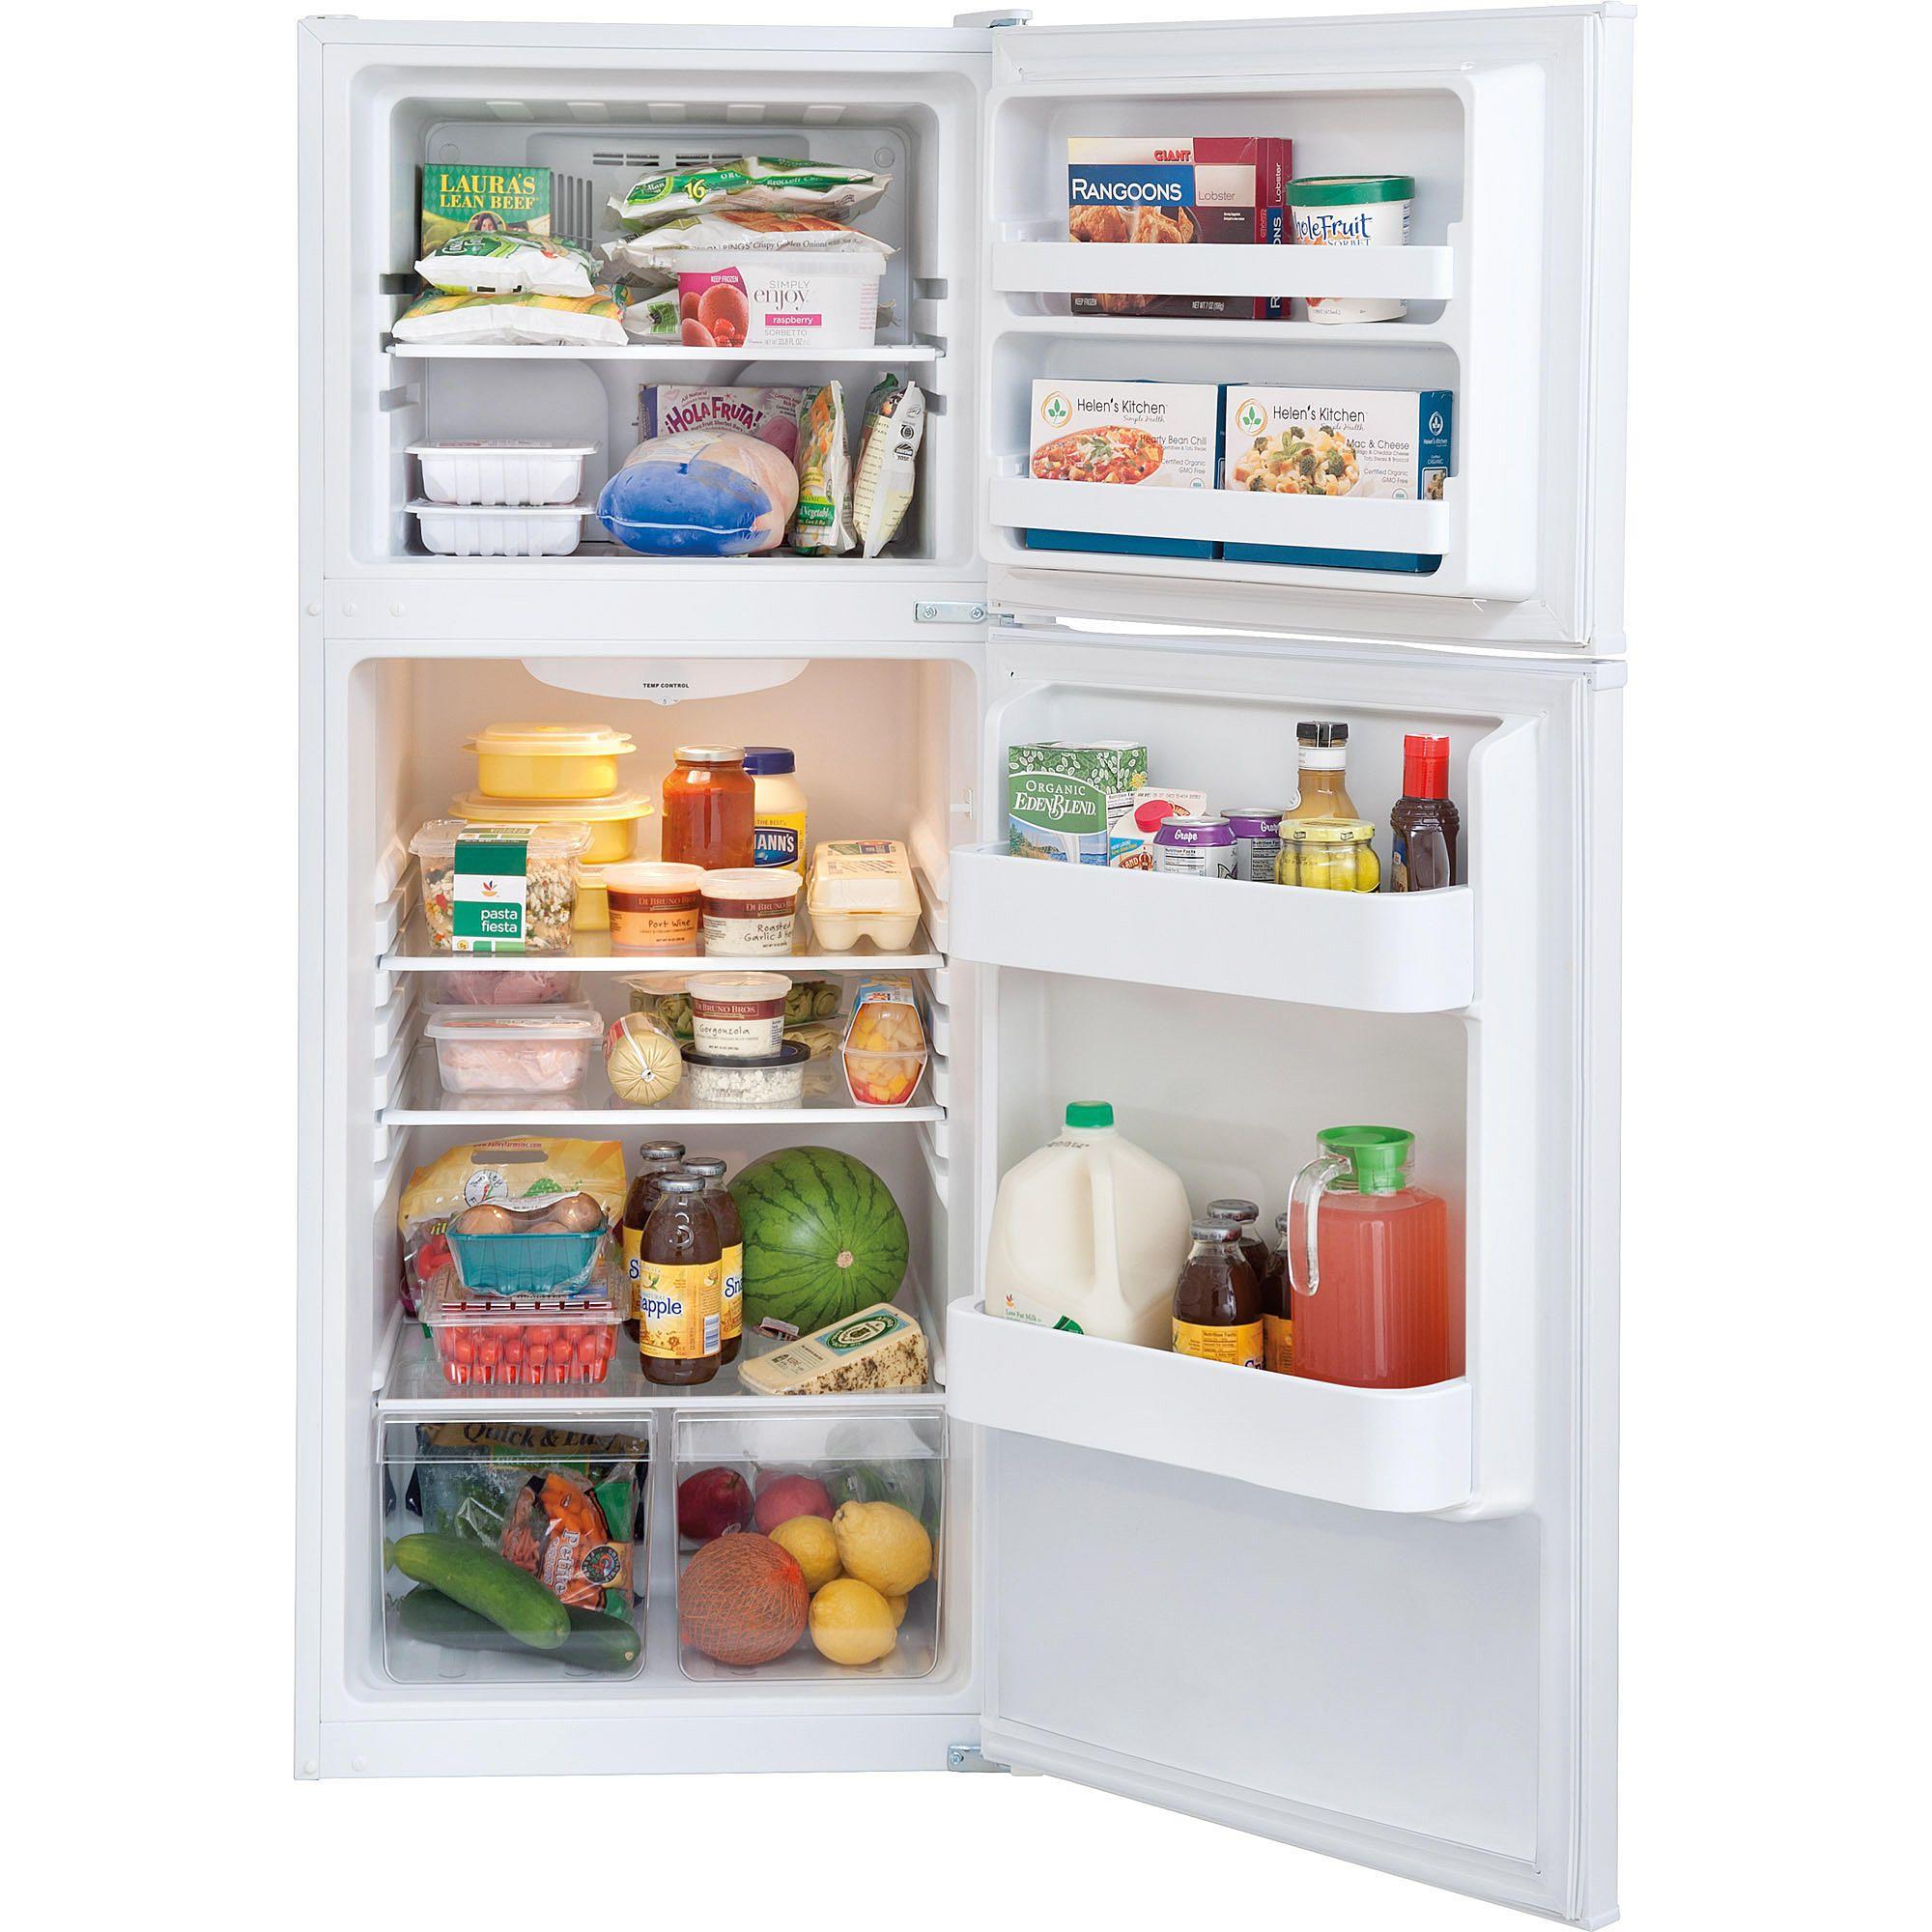 Frigidaire 10 Cu Ft Top Freezer Refrigerator Apartment Refrigerator Apartment Size Refrigerator Small Refrigerator